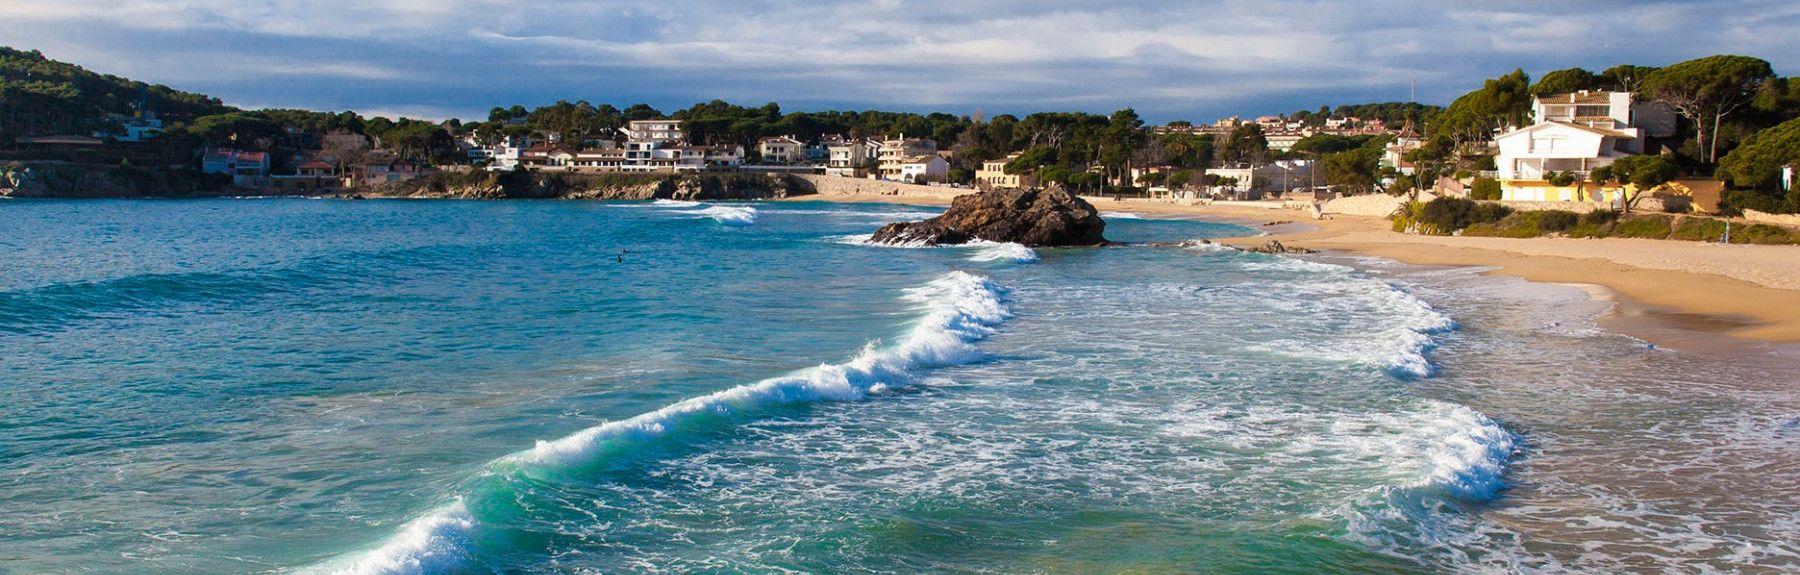 Lloret de Mar Beach, Lloret de Mar, Catalonia, Spain